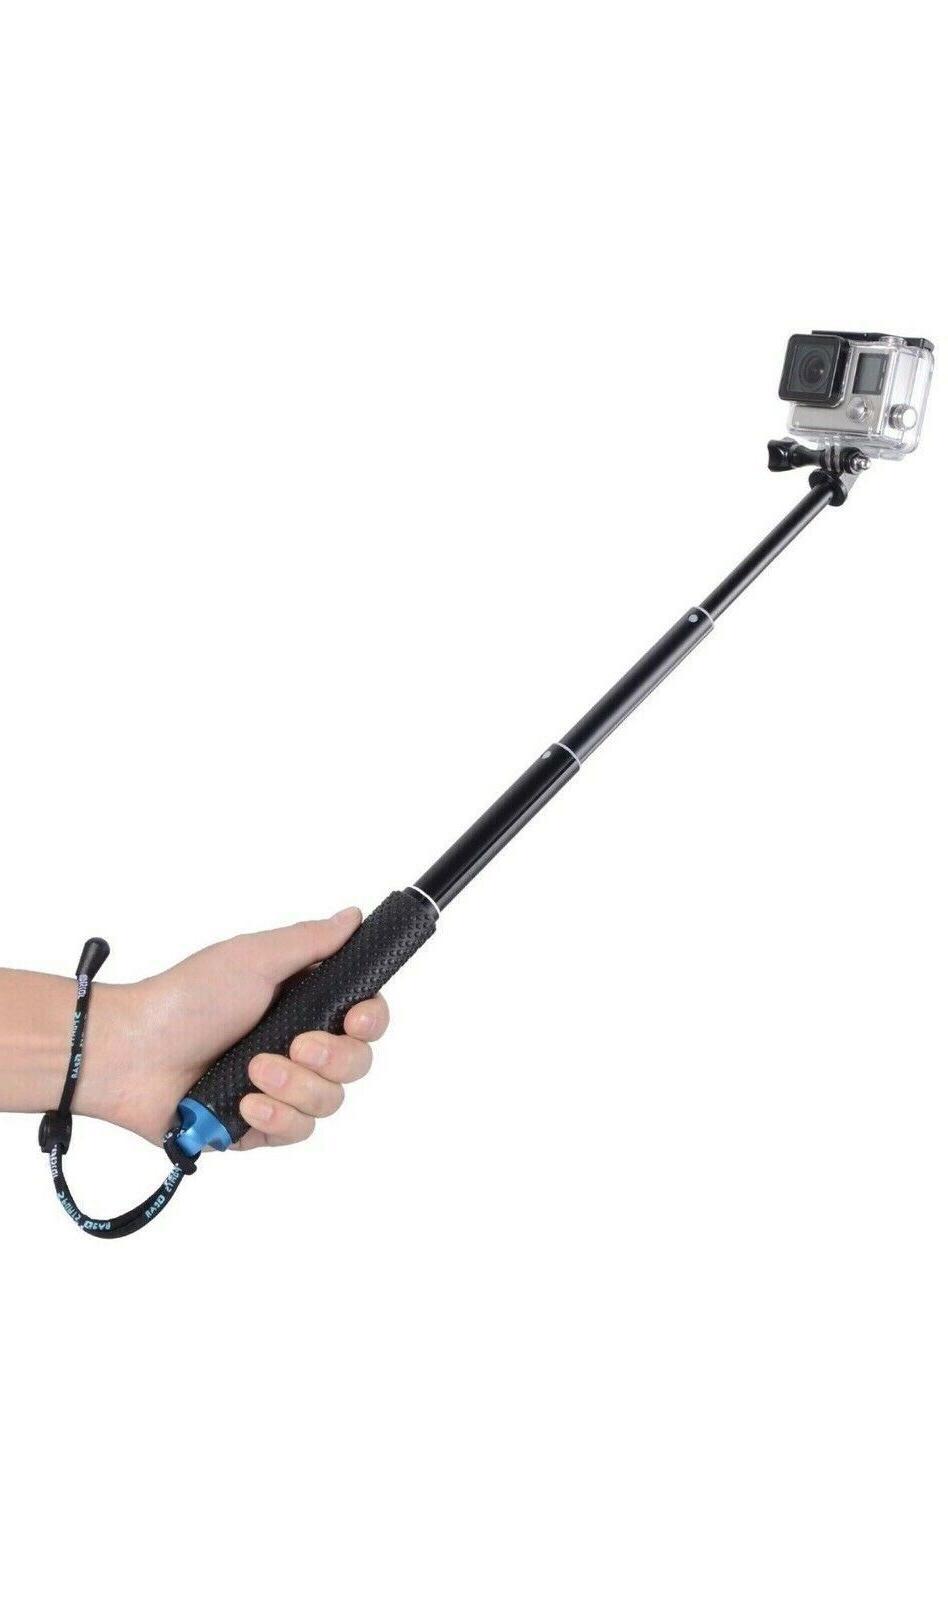 new waterproof extension pole selfie stick monopod